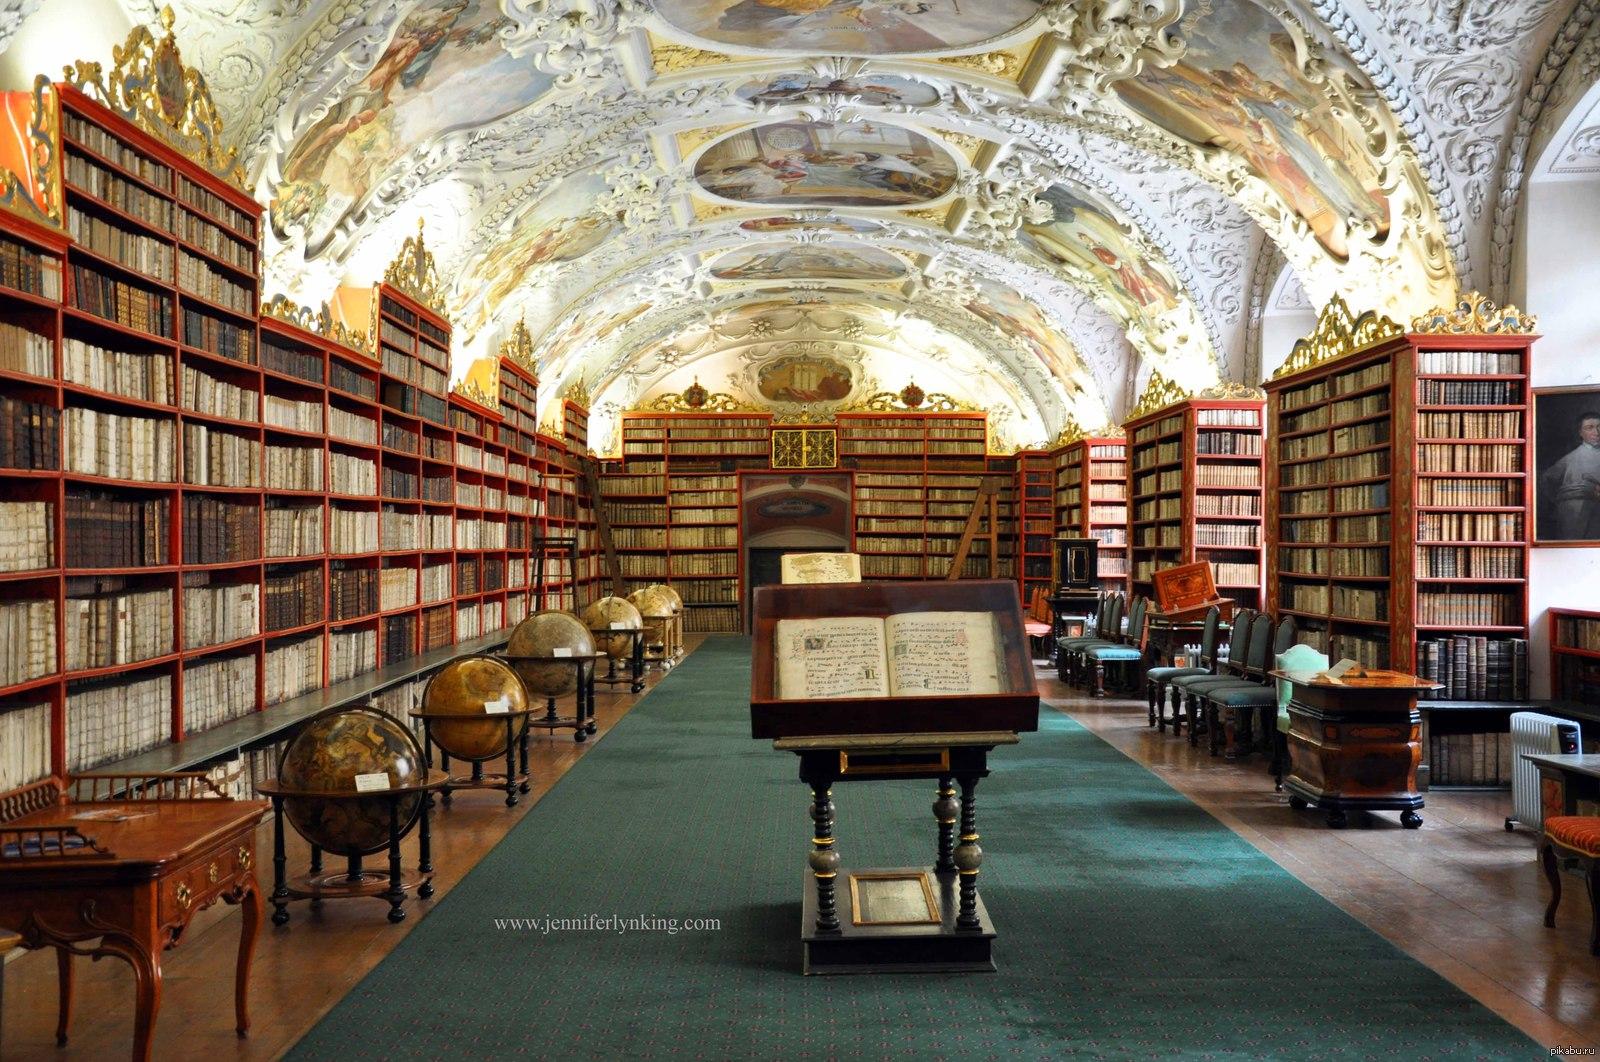 библиотека искусствознания фото августе максим